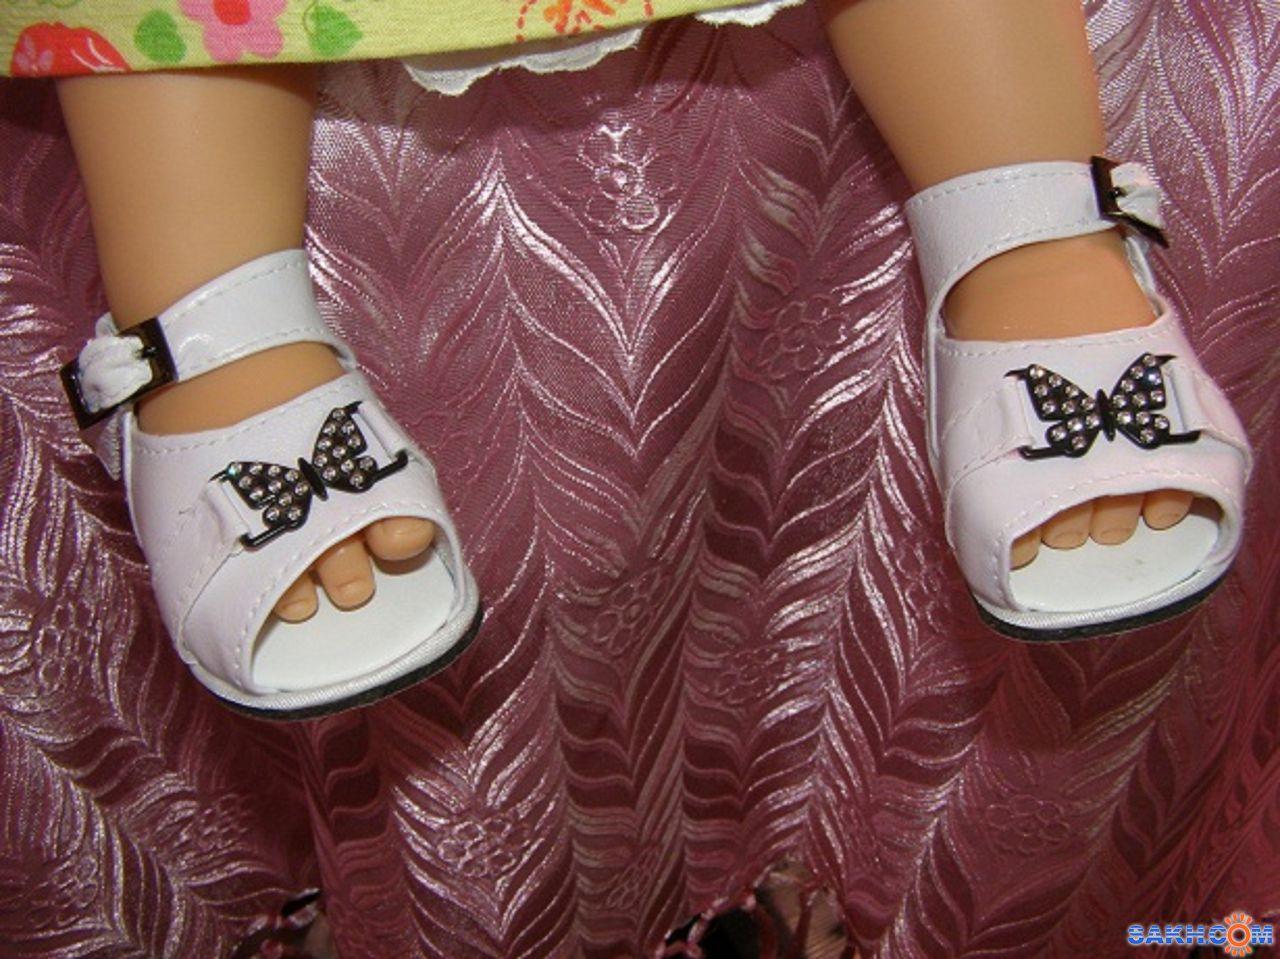 Как своими руками сделать обувь для куклы своими руками